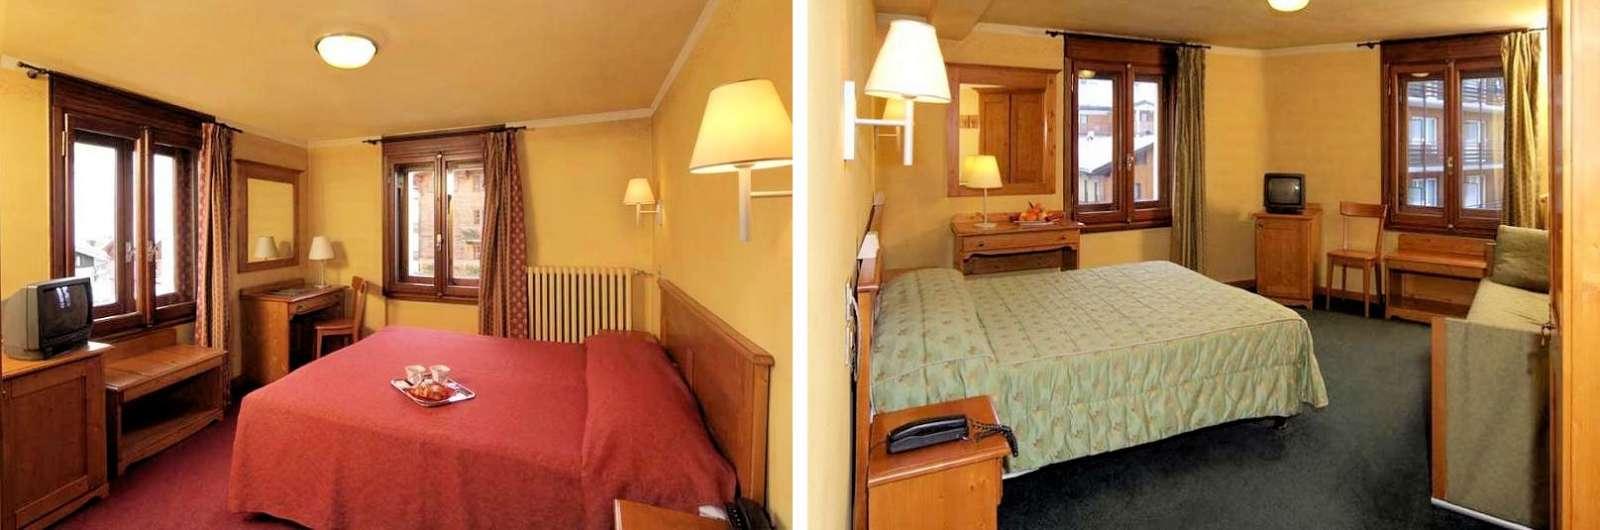 Eksempel på værelserne